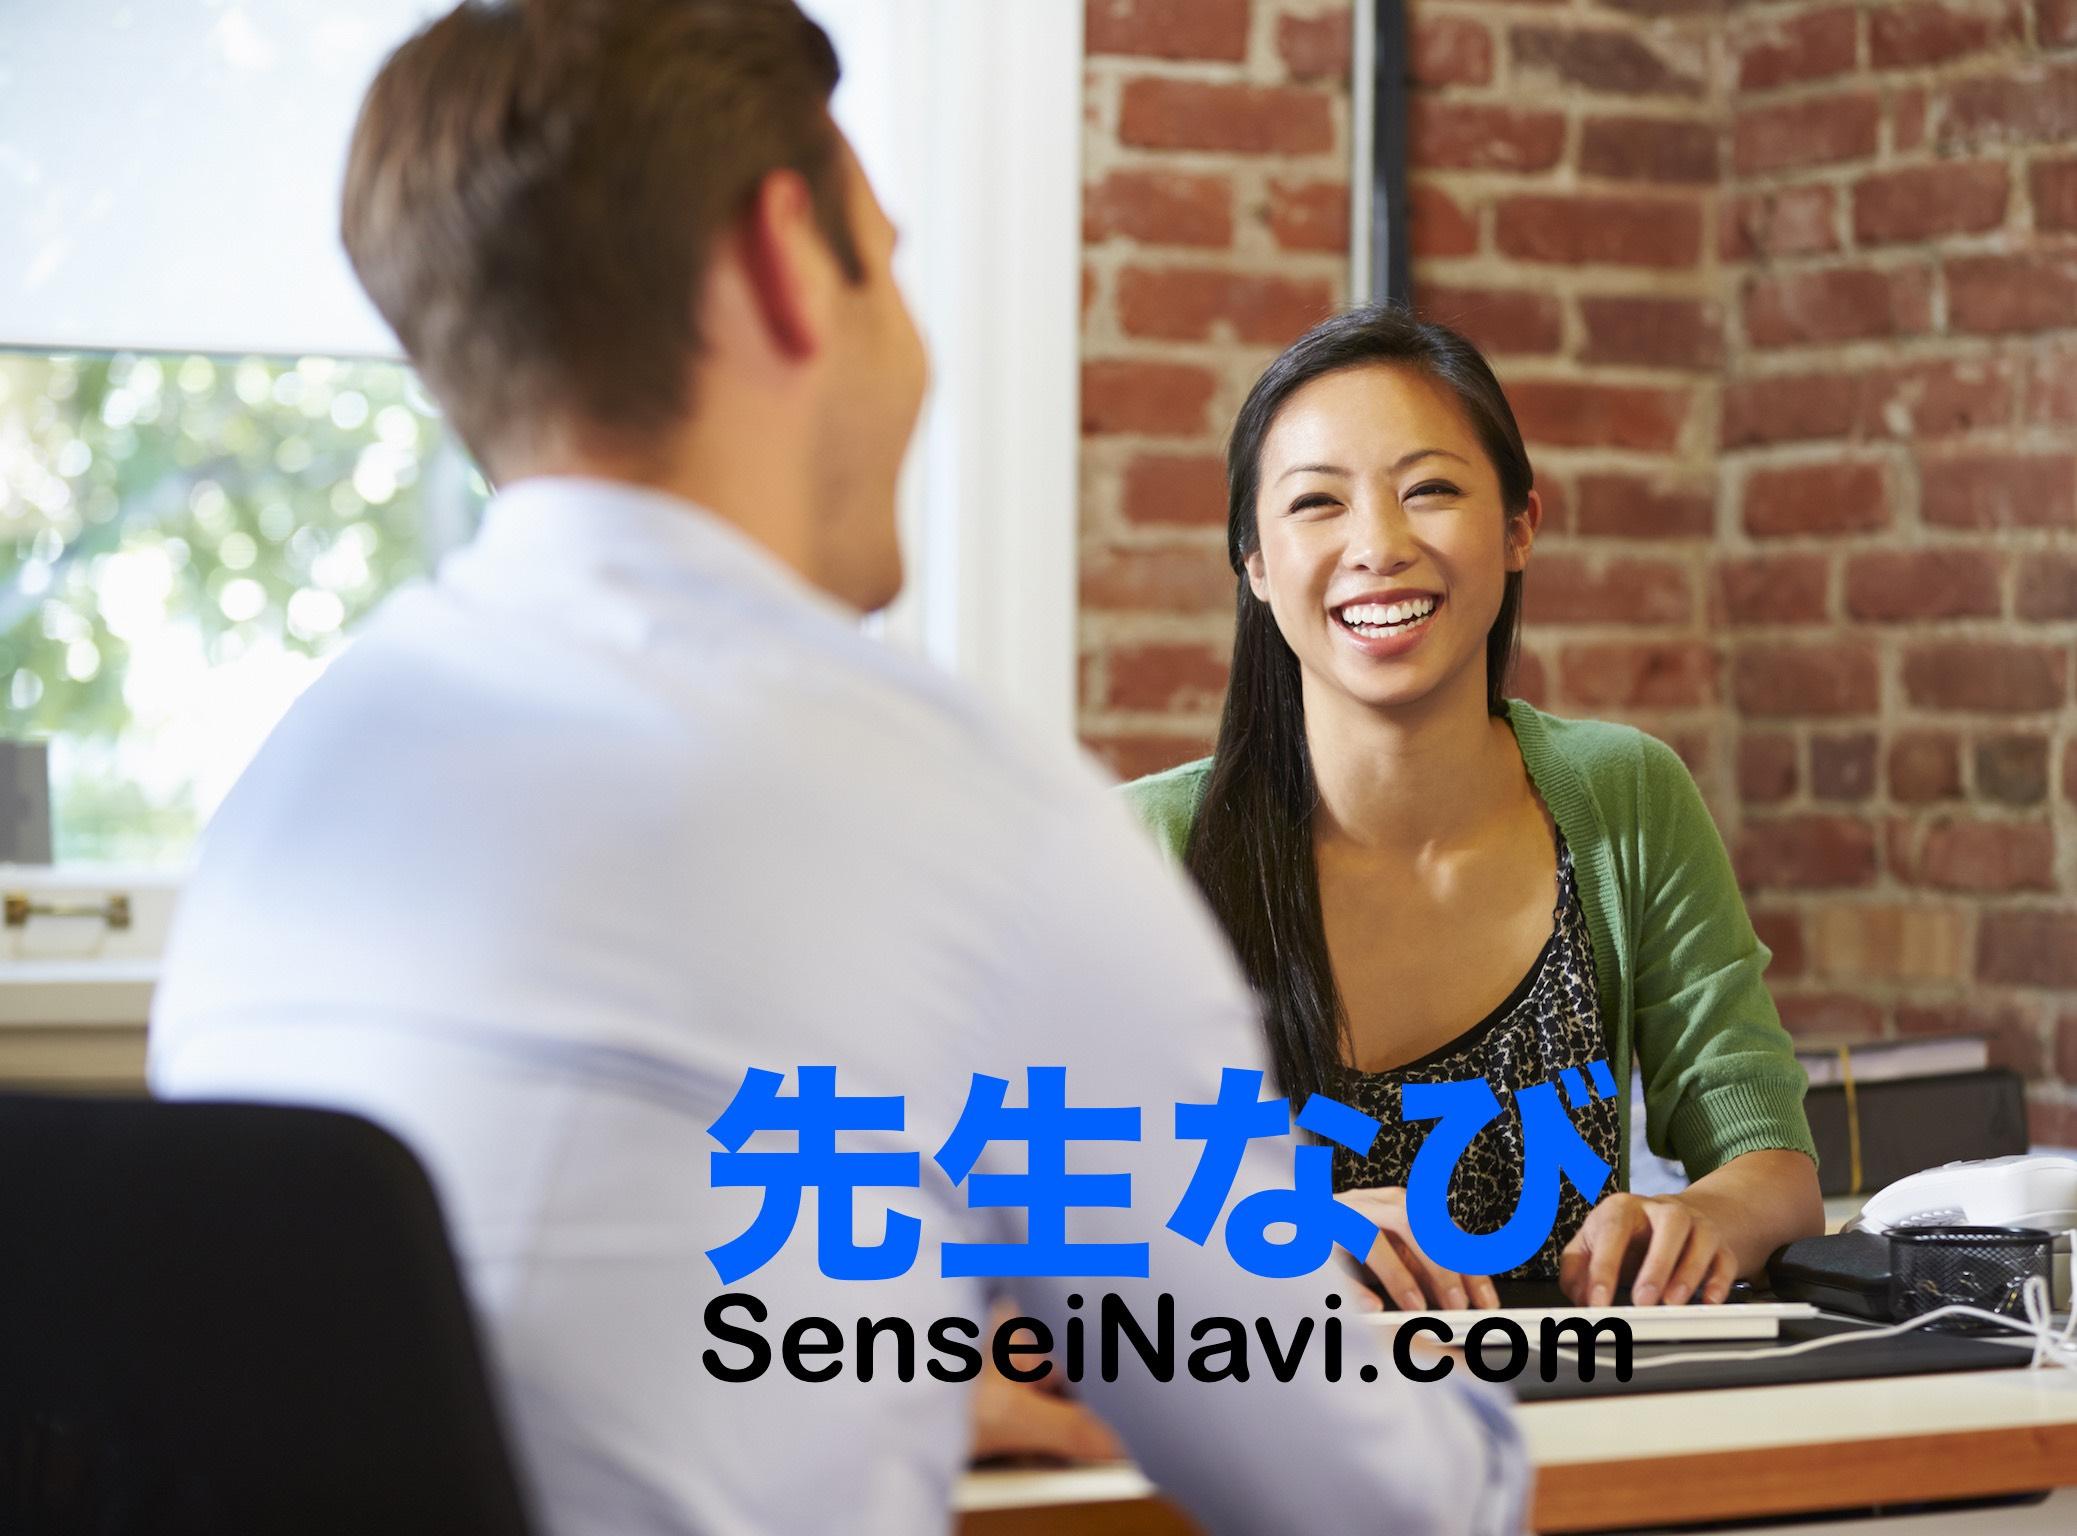 SenseiNavi.com